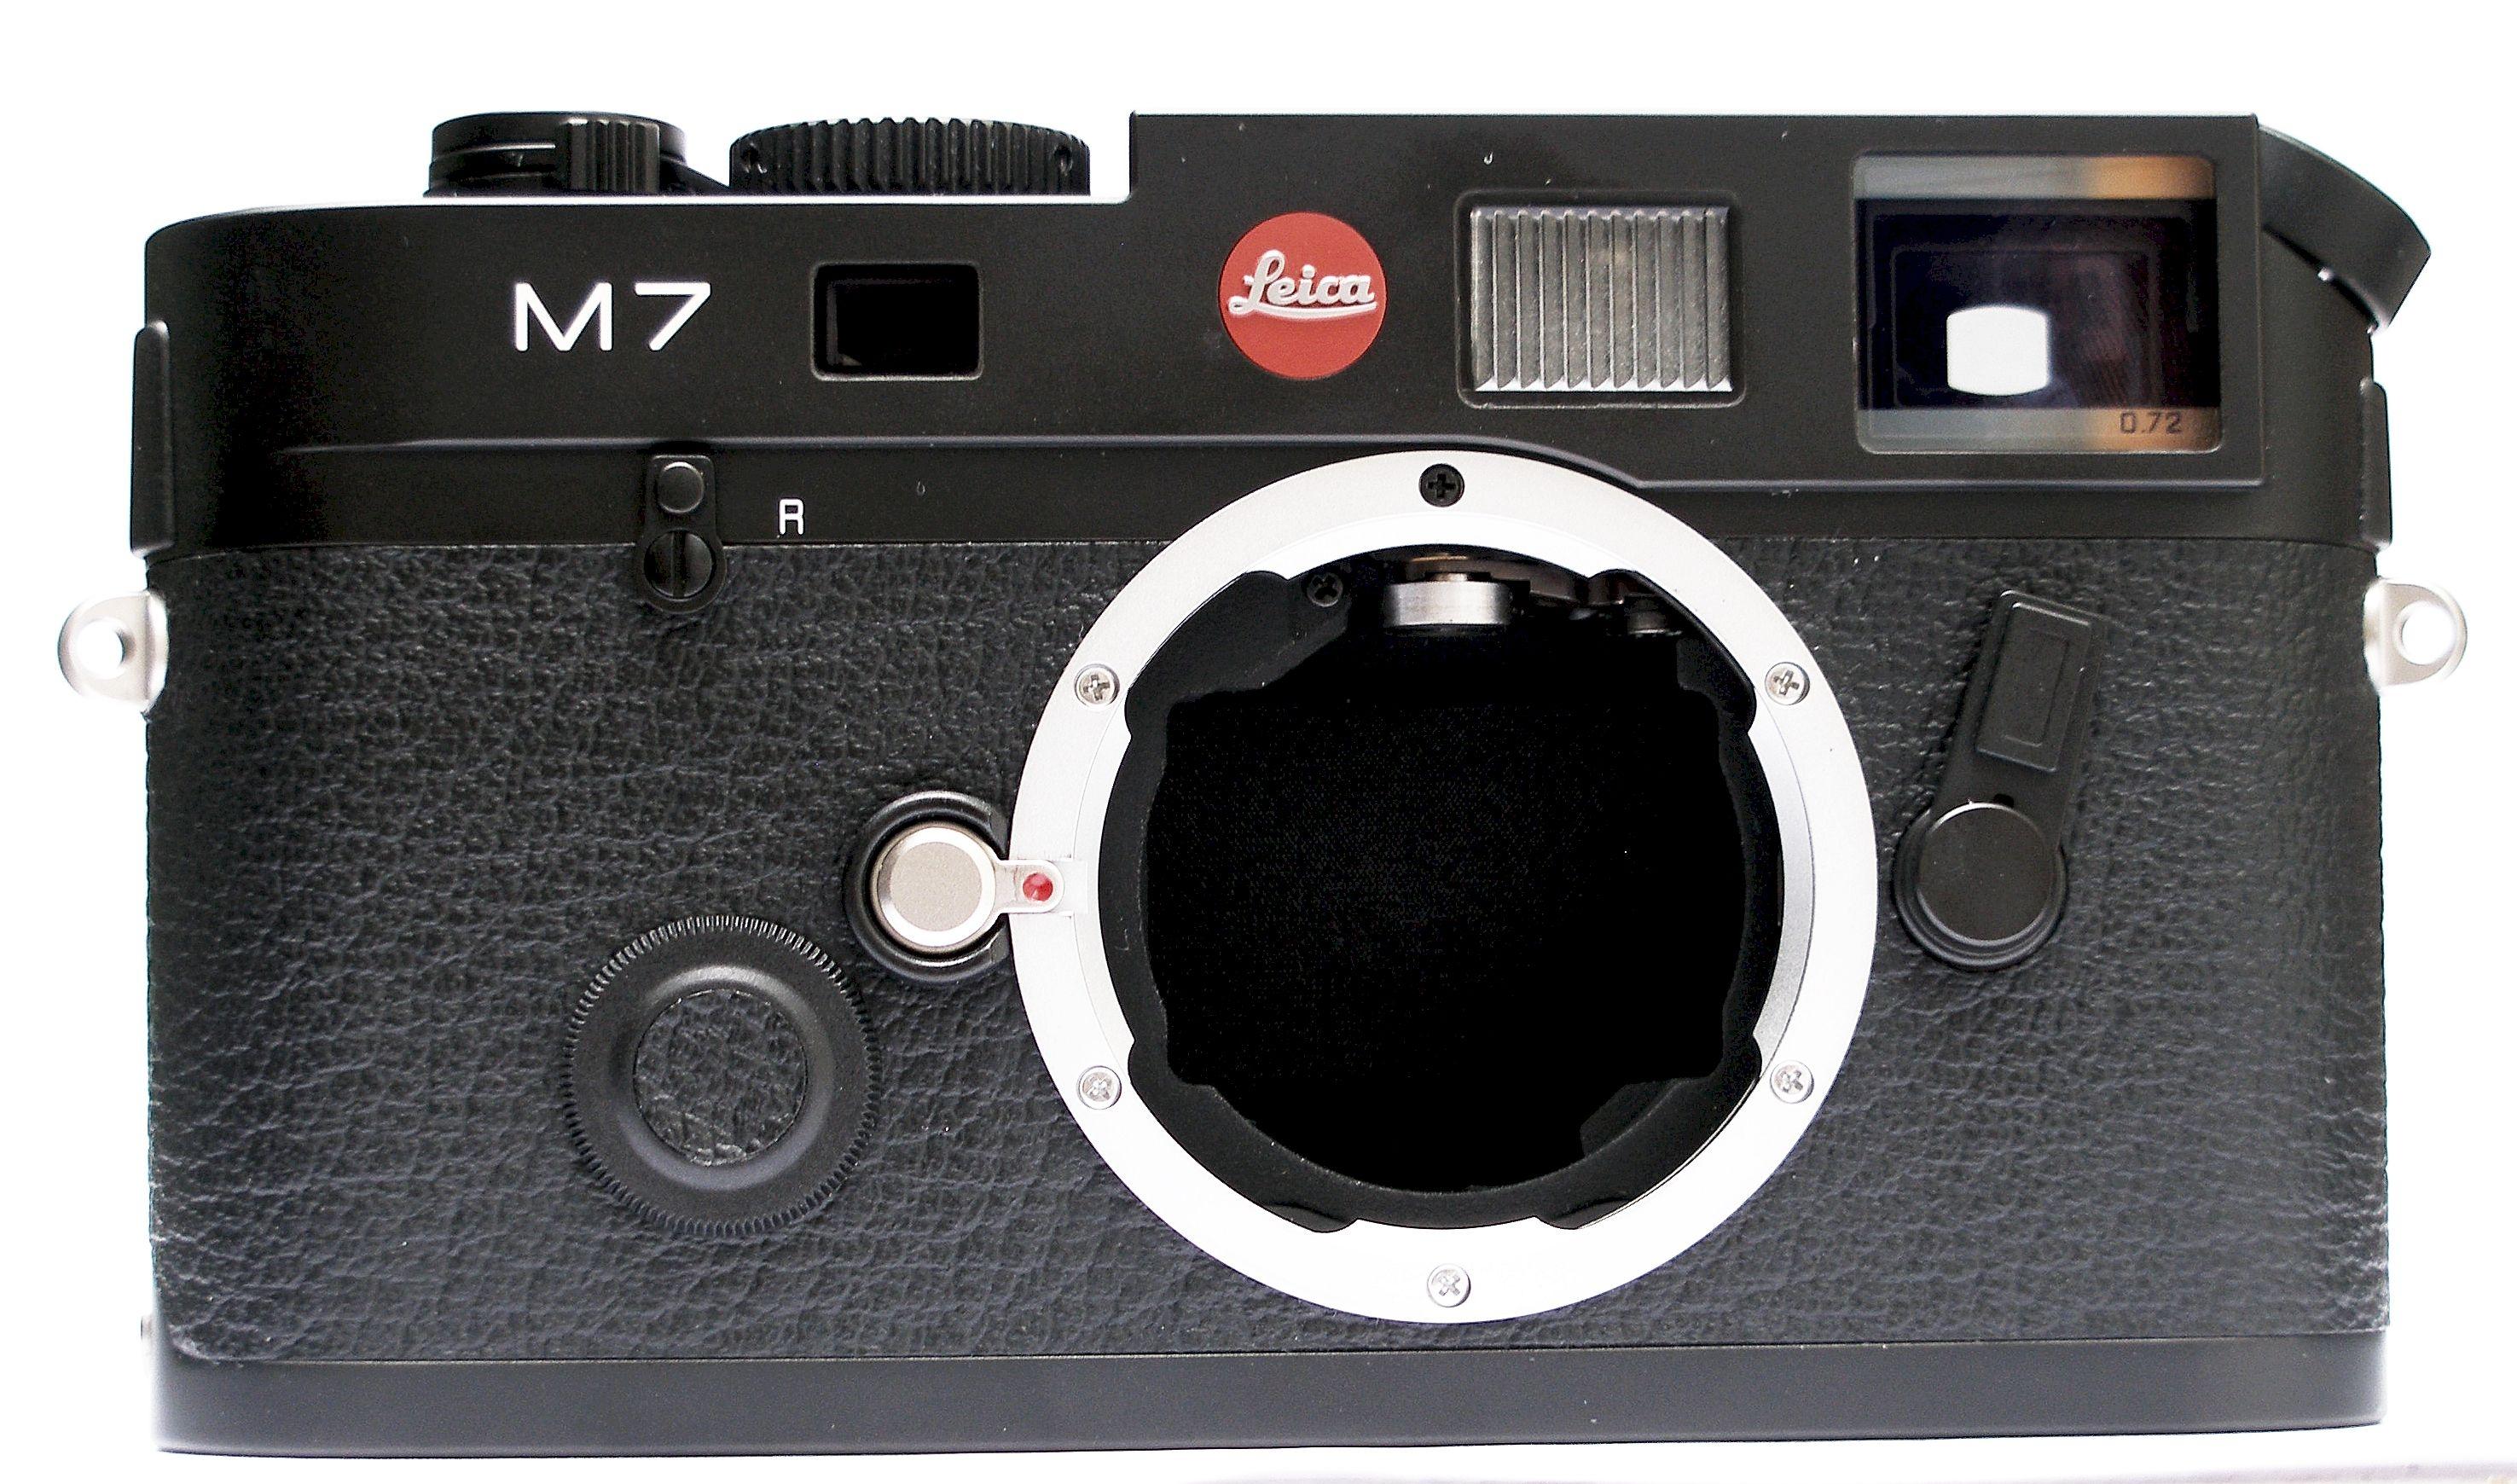 LEICA M7 0,72 černý chrom